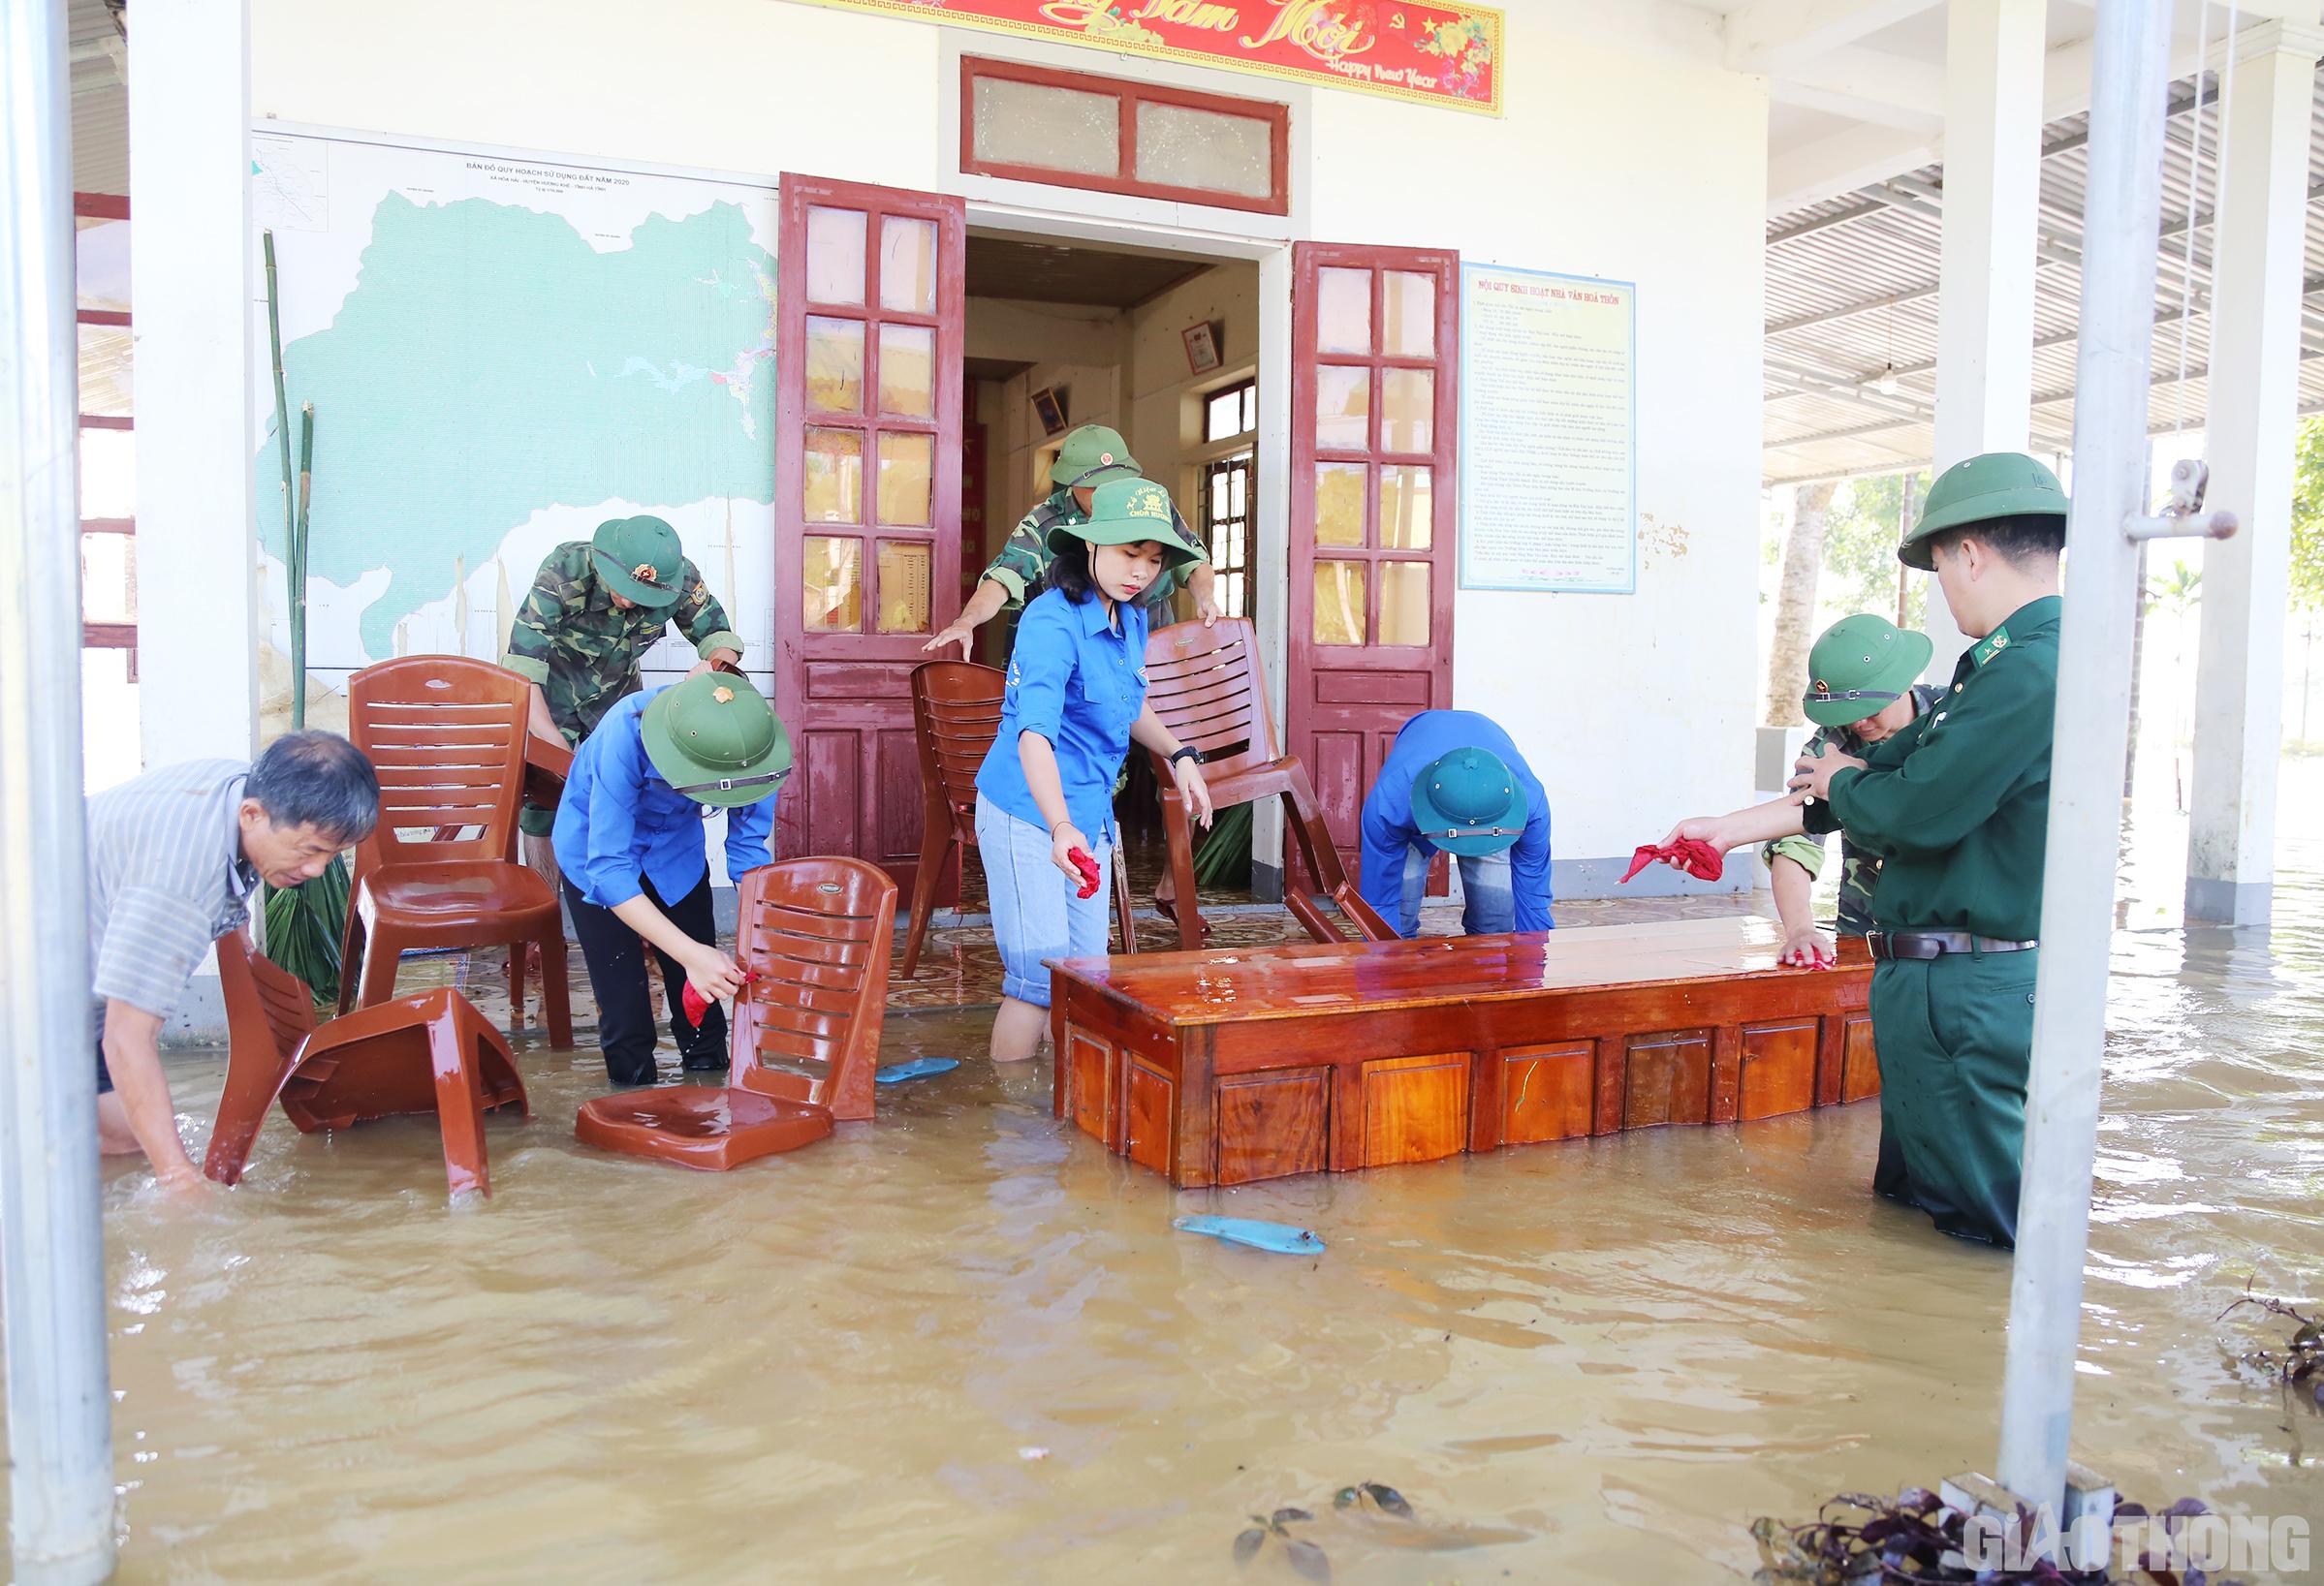 Theo thông tin từ các lực lượng chức năng, toàn xã biên giới Hòa Hải có 13 xóm, trong đó có 6 xóm bị ngập sâu, đỉnh điểm có nơi ngập trên 2m, chia cắt hoàn toàn với bên ngoài